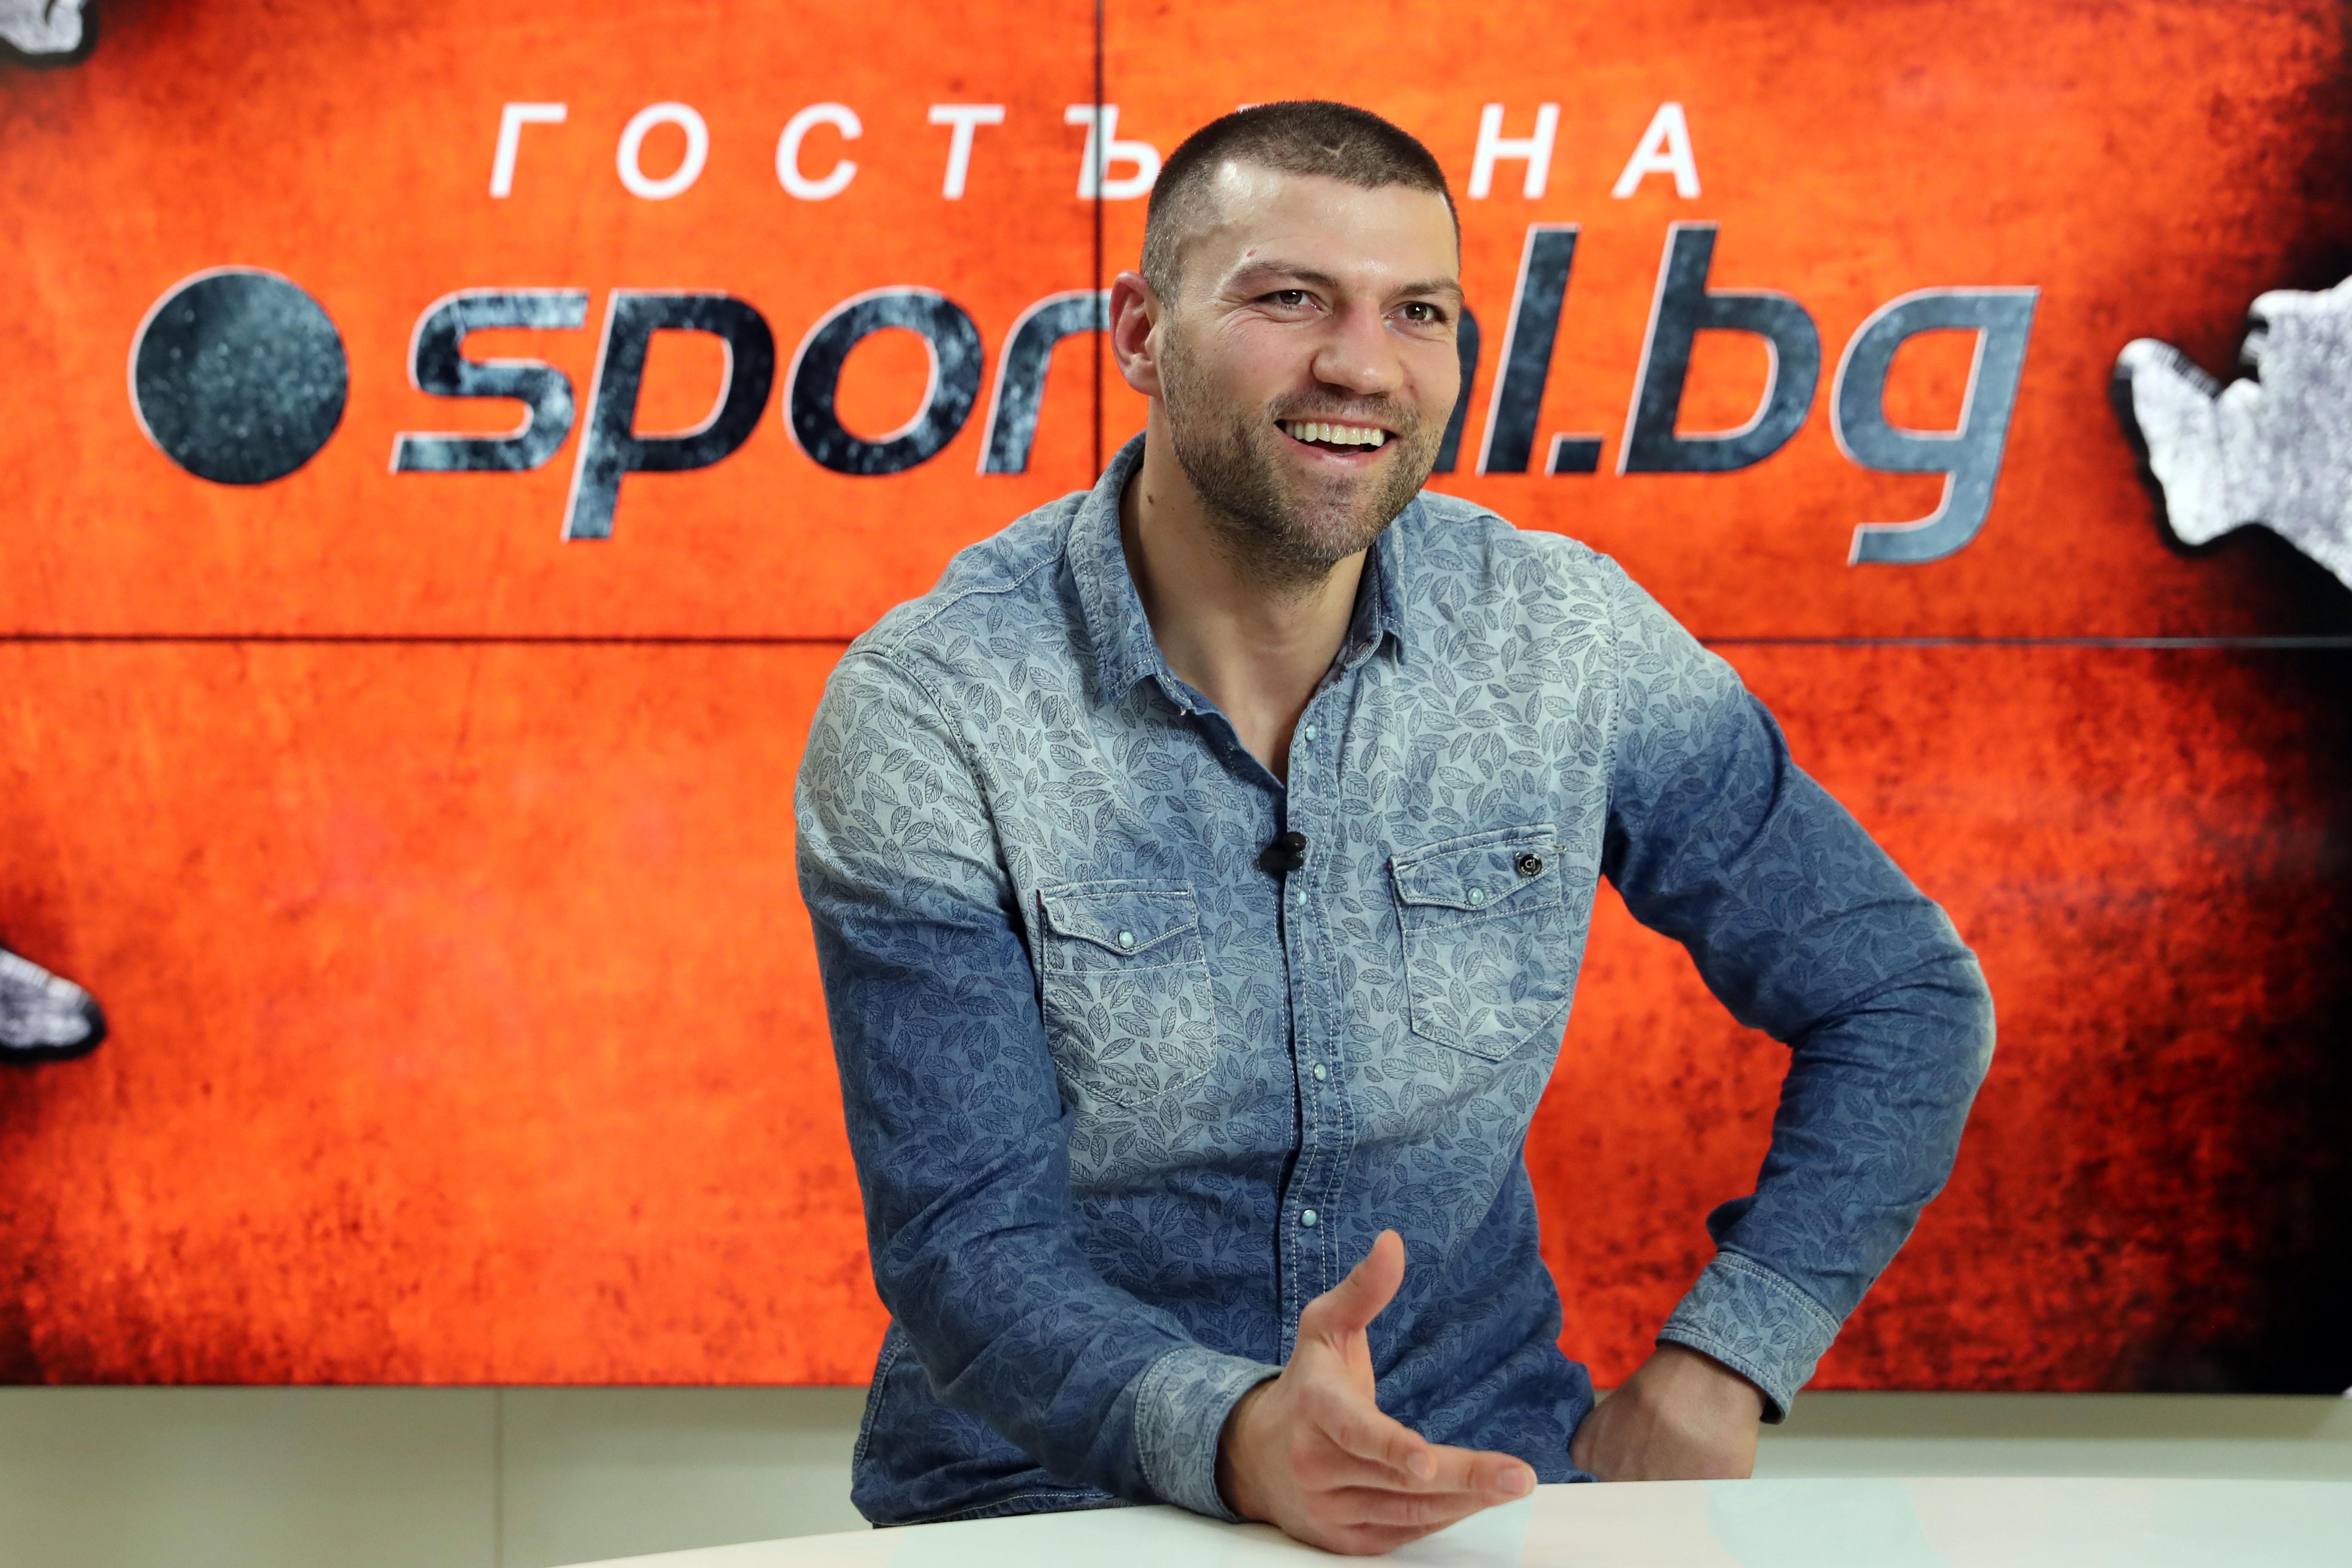 25-годишният Абдулнасер Делалич от Босна и Херцеговина е следващият съперник